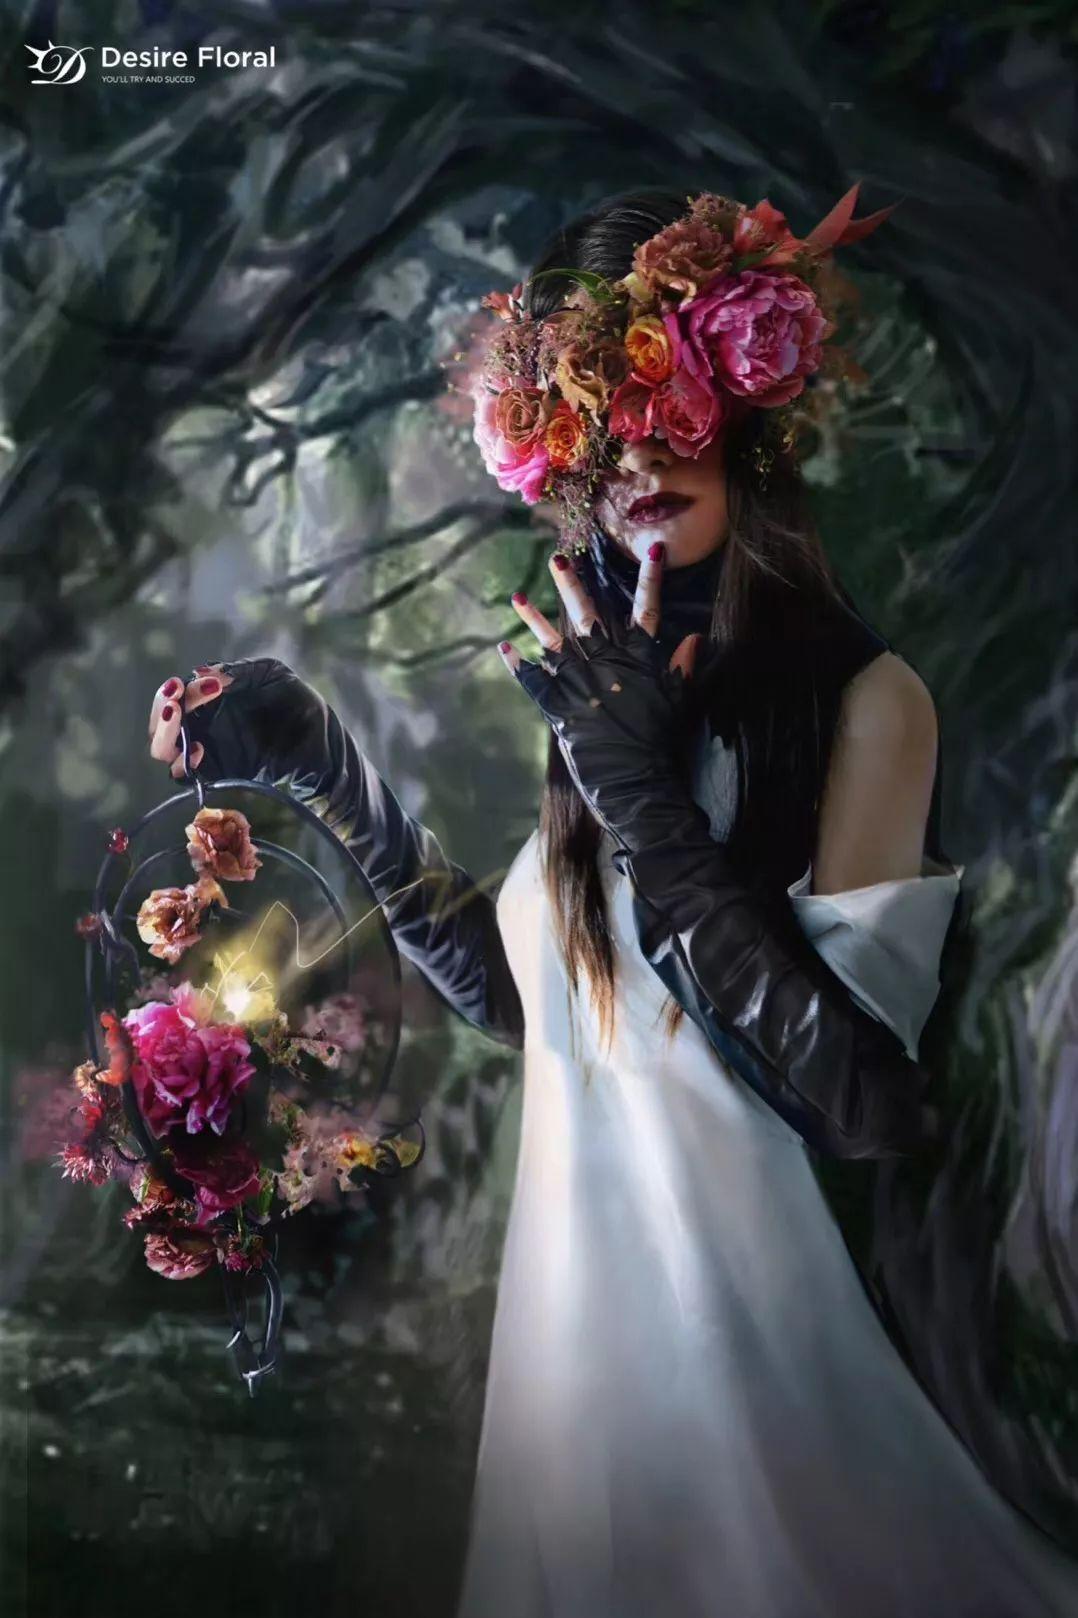 爱情不是比较出来的,是静默的相守和改变